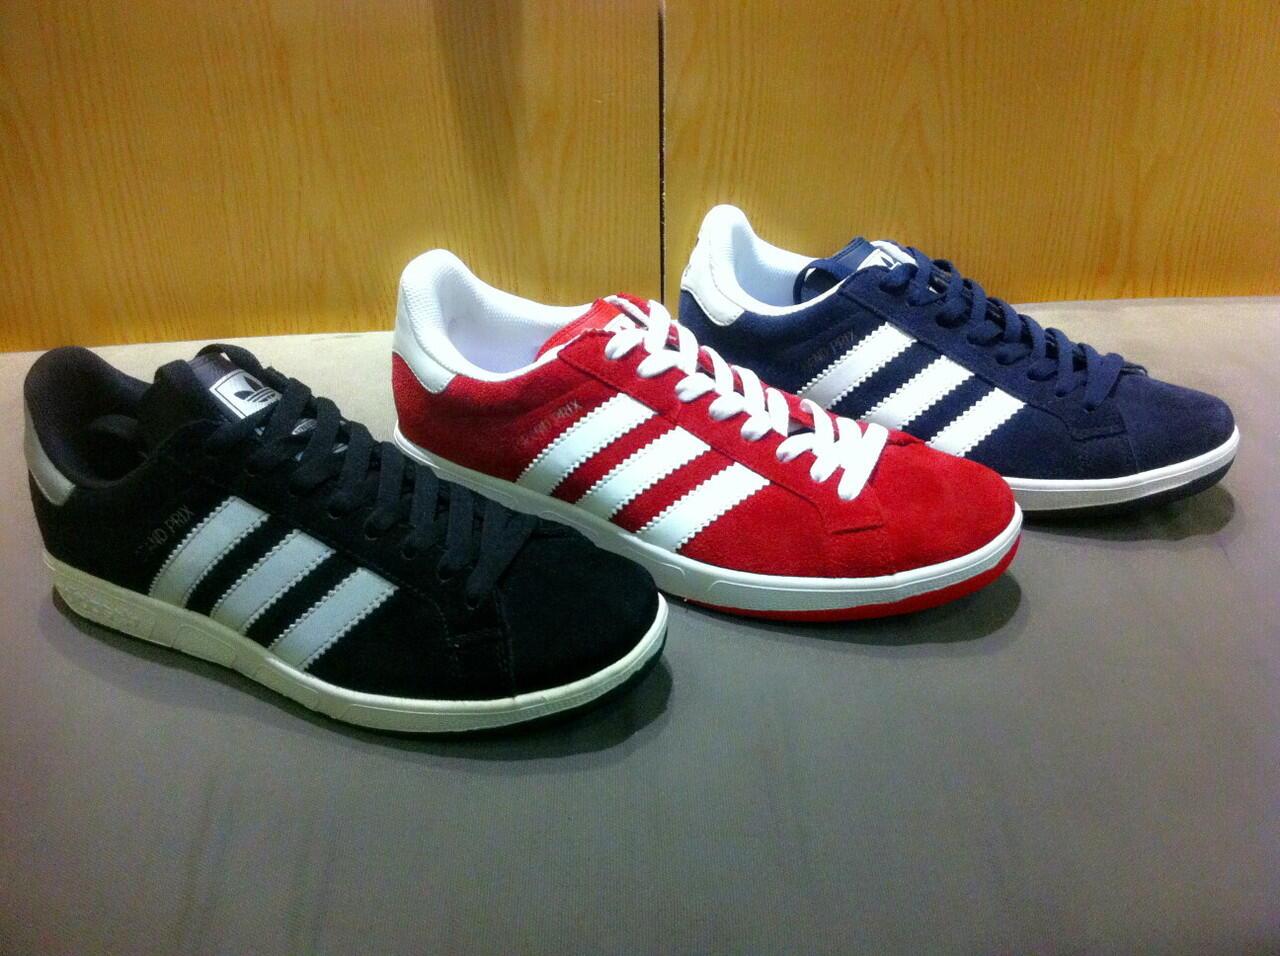 outlet store 04e48 82a4e ... coupon code for jual sepatu nike dunk adidas spezial 9c7b1 0c99e